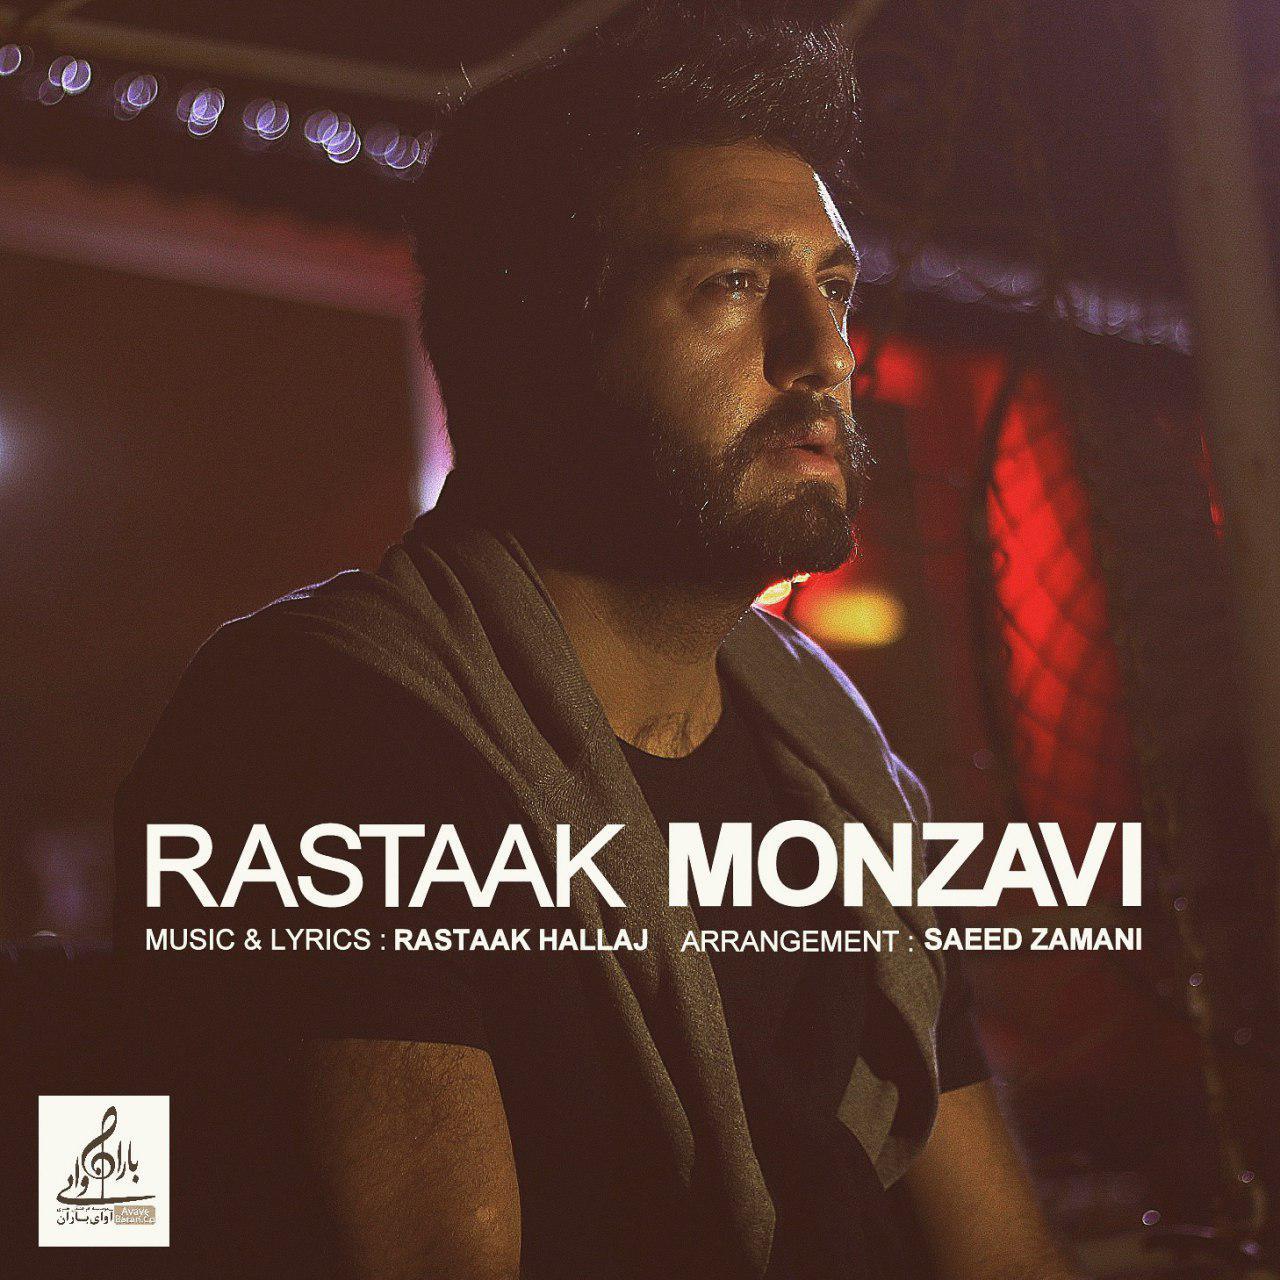 دانلود آهنگ Monzavi از Rastaak